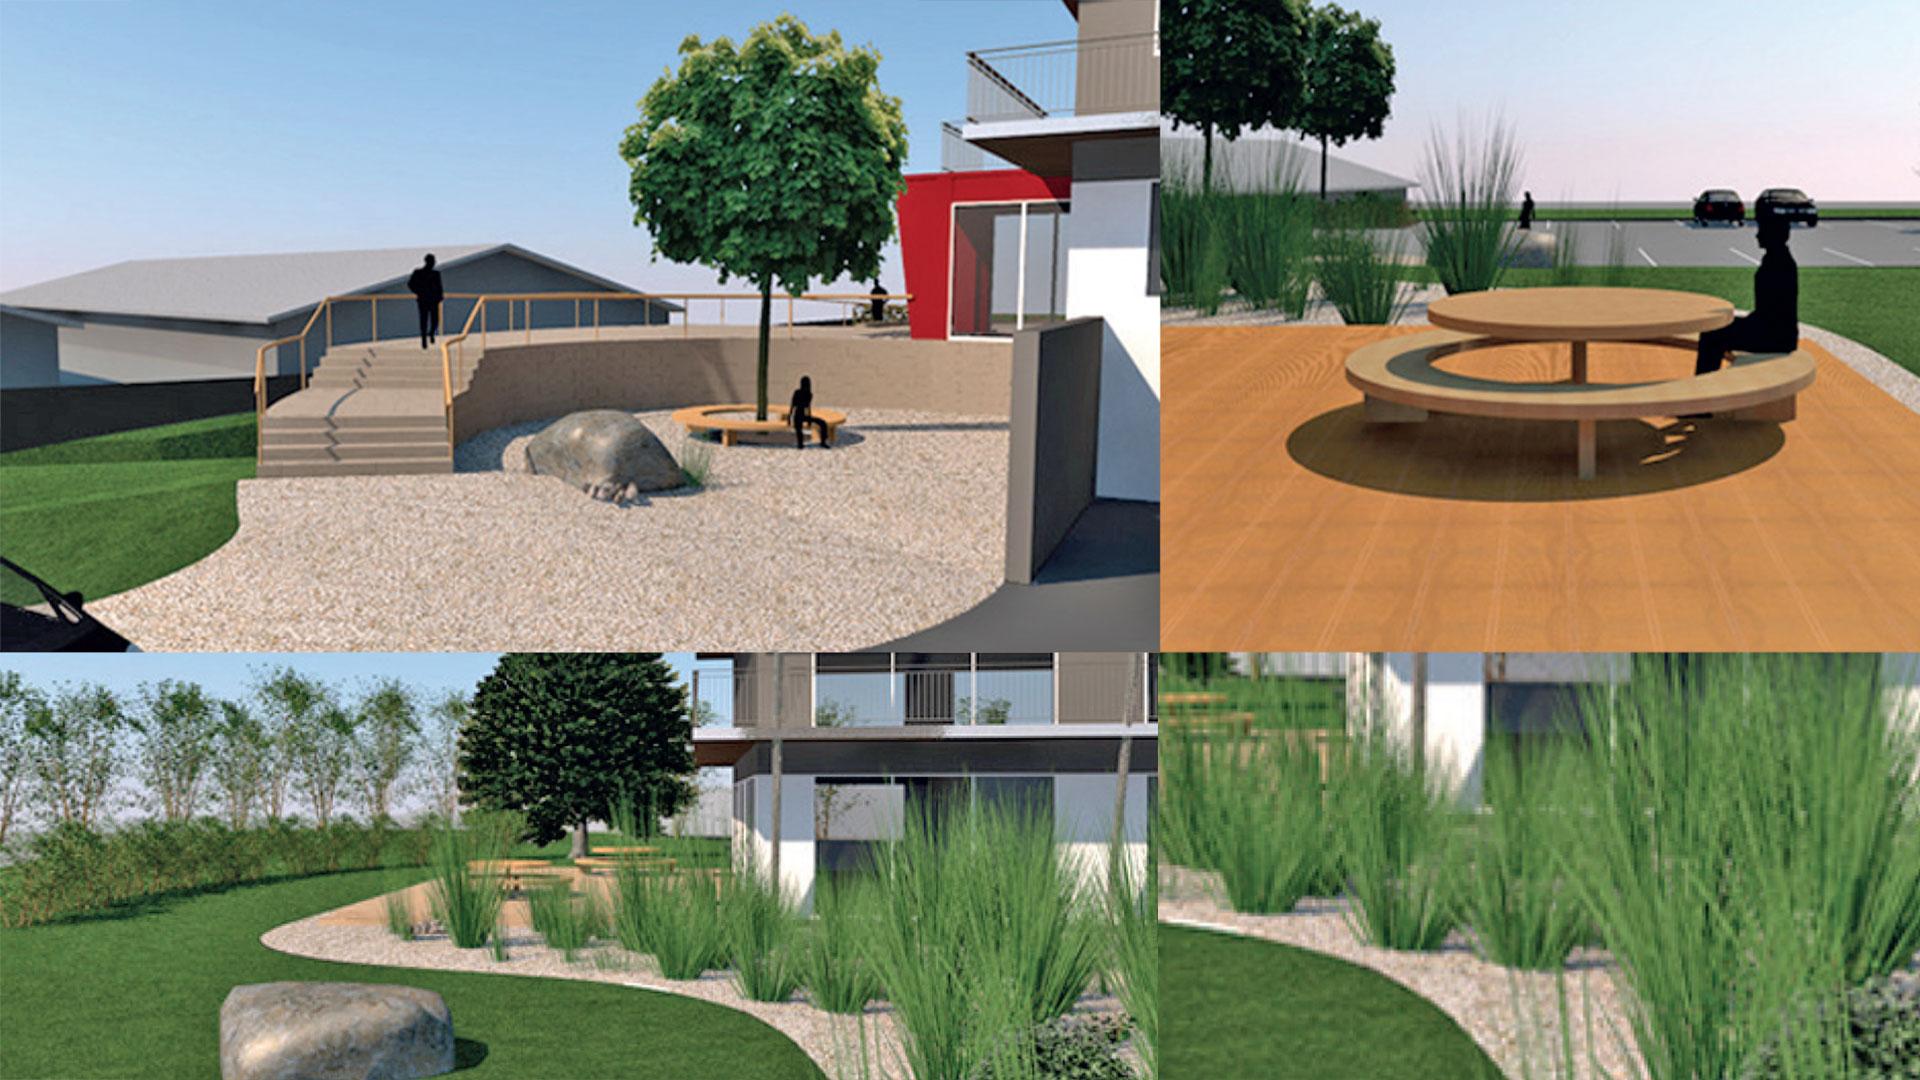 3D-Grafiken mit Detailelementen der Feng Shui Gartengestaltung mit Treppe, Holzterrasse mit Sitzrondell, Beet- und Wiesenanlagen sowie Bepflanzung – geplant durch das Architekturbüro atelier8 in Frankfurt